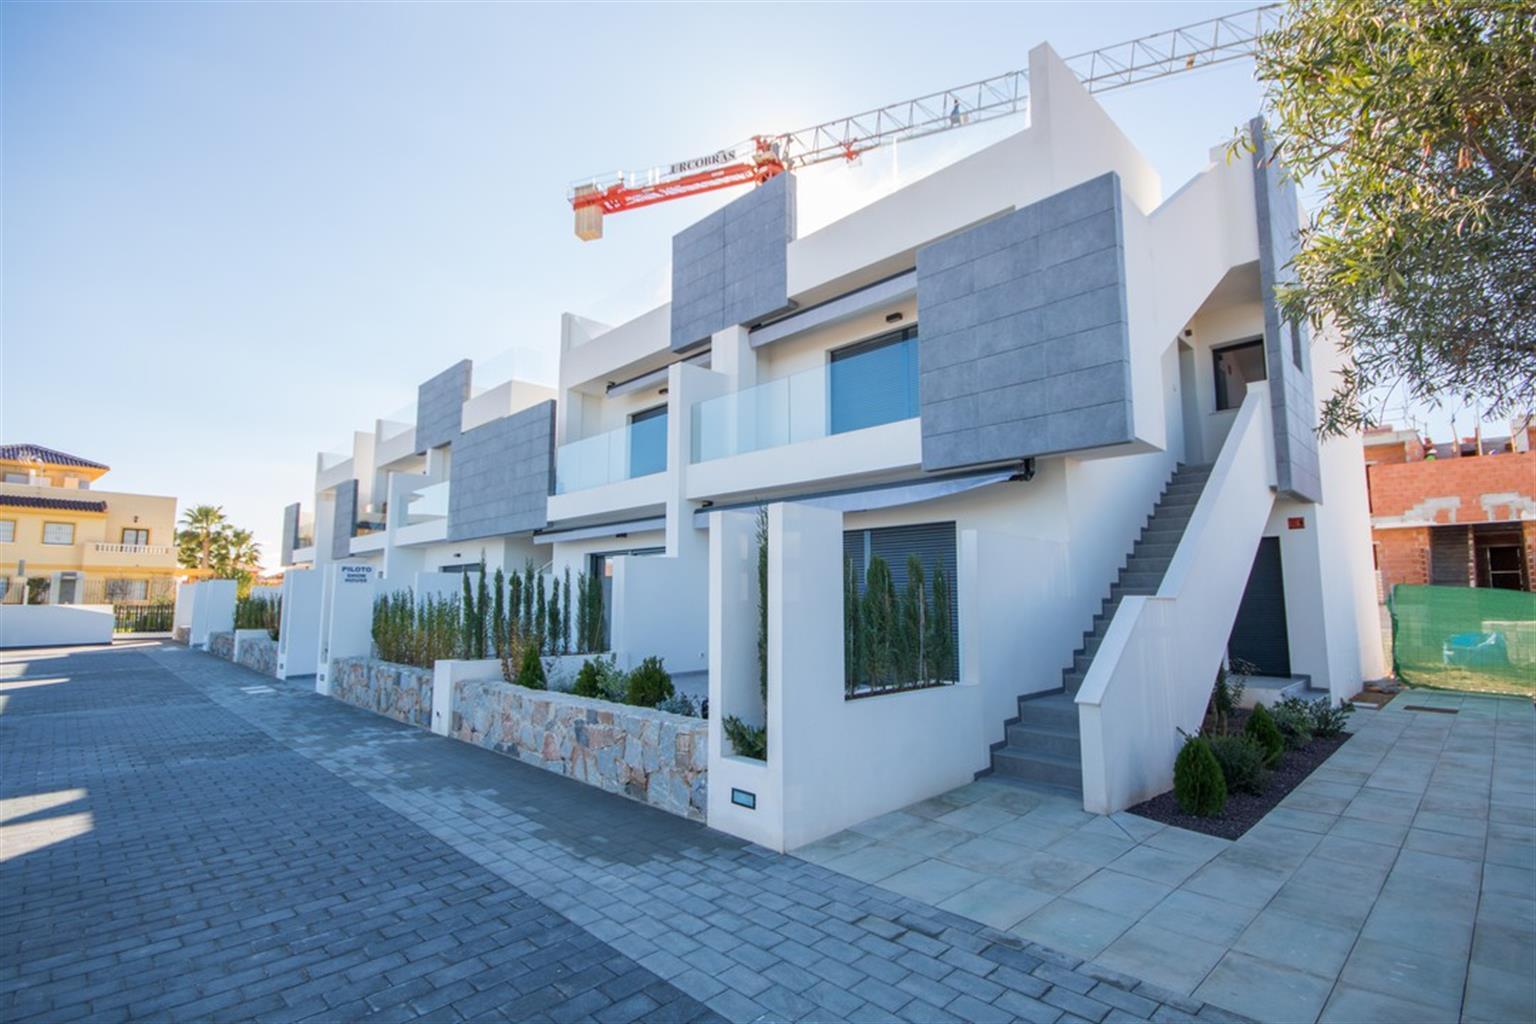 Appartement - Los Balcones  - #4231453-26